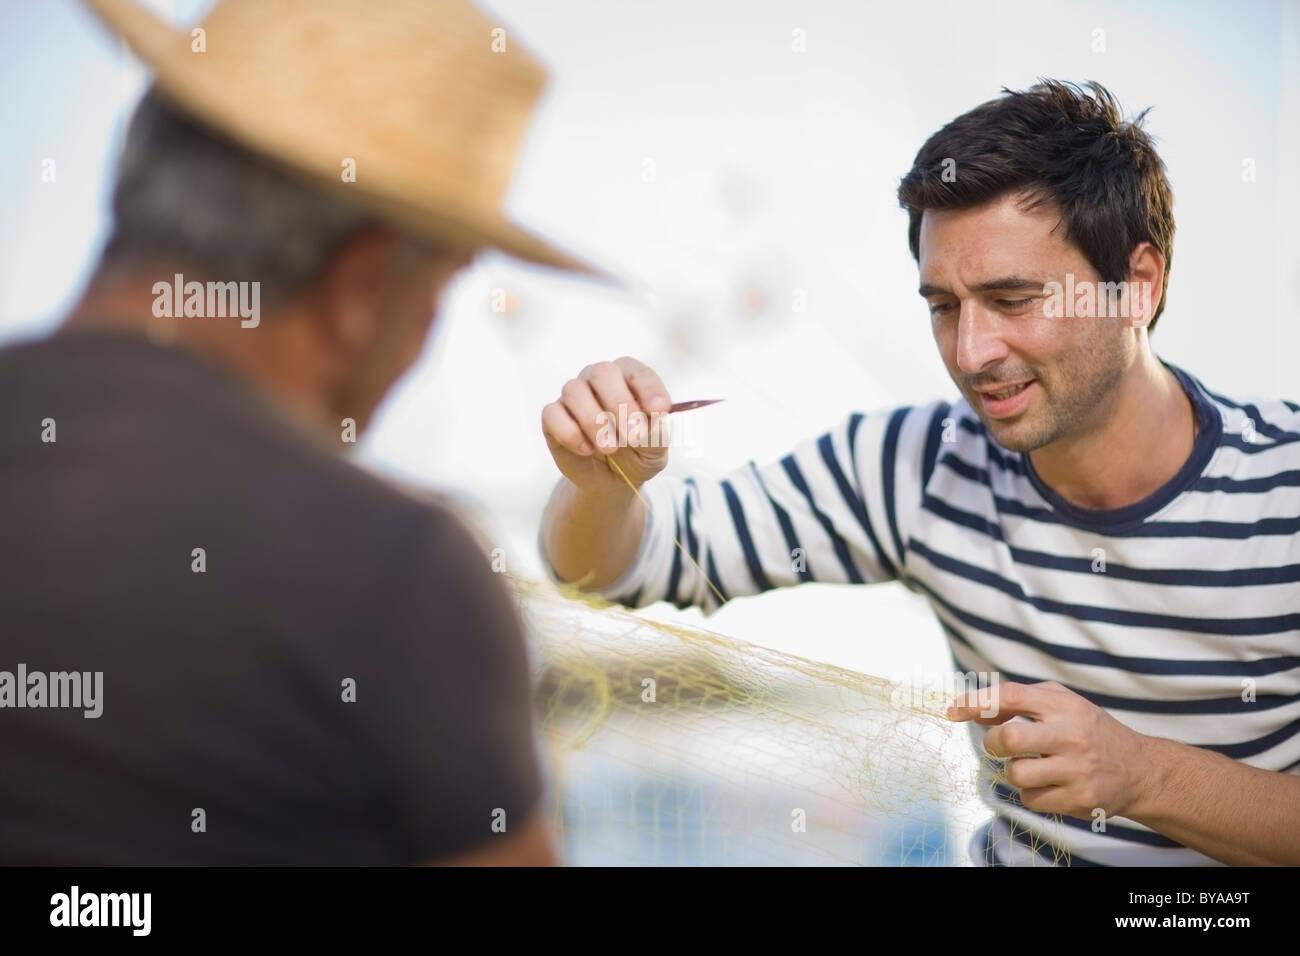 Fisher preparing fishing net - Stock Image